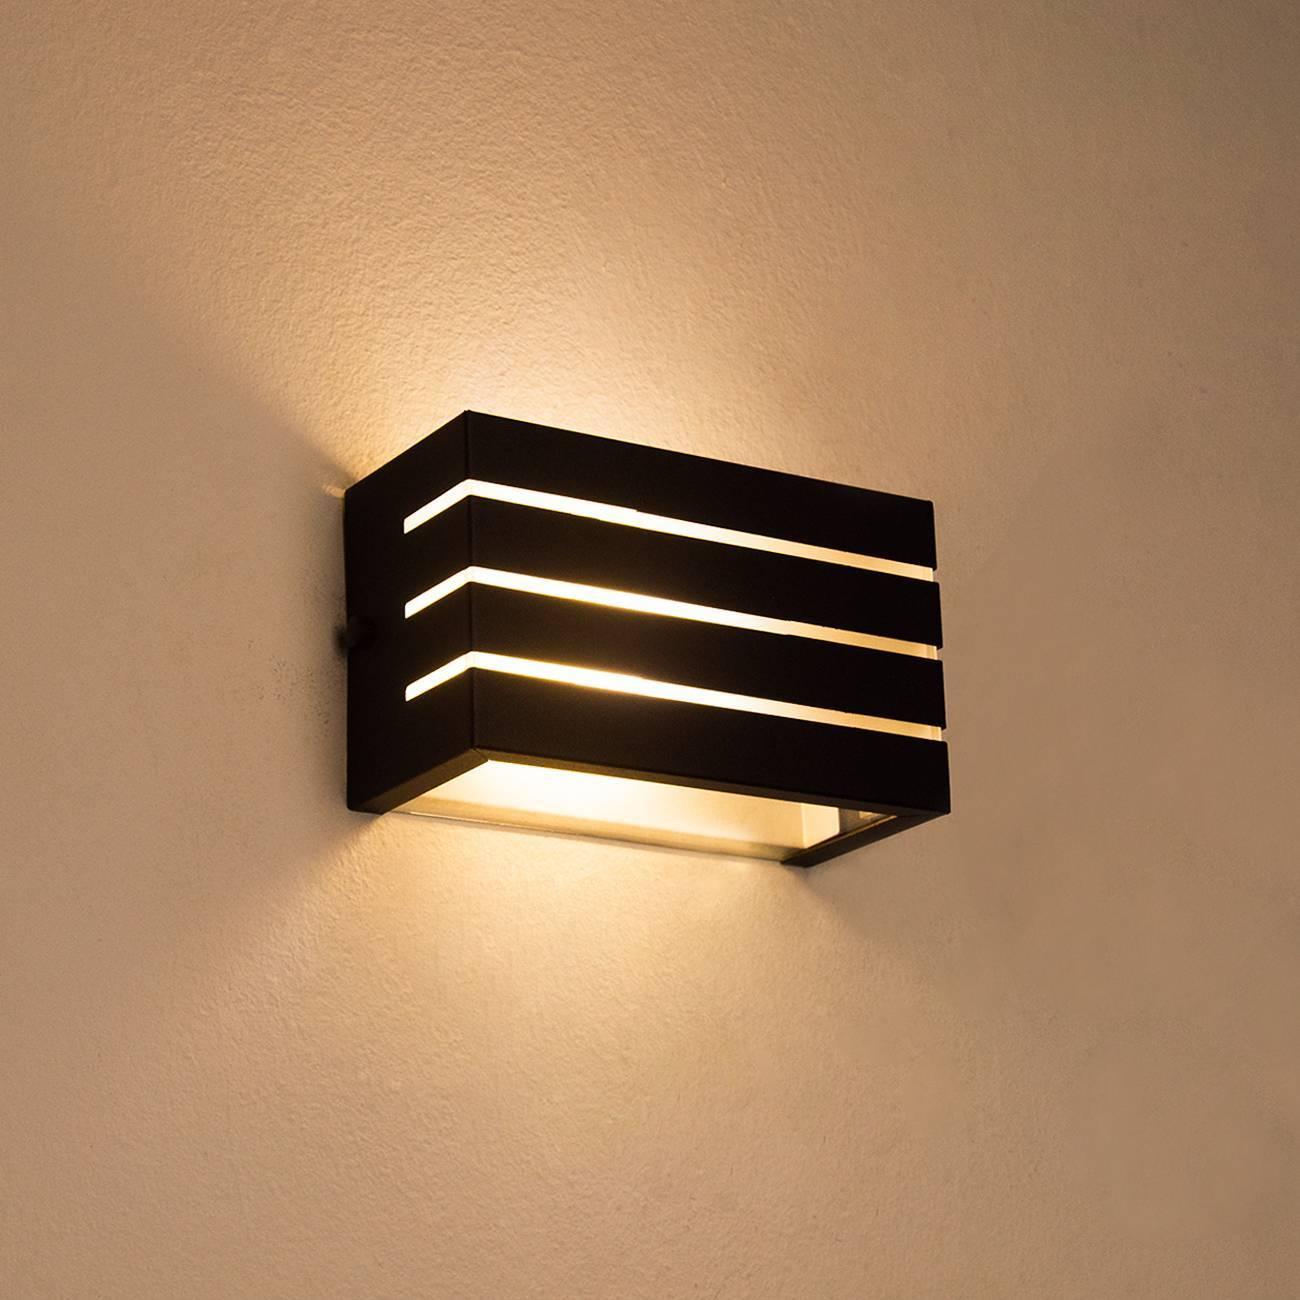 Arandela Frisada Luminária Preta Para Muro Parede Externa G9 - LCGELETRO